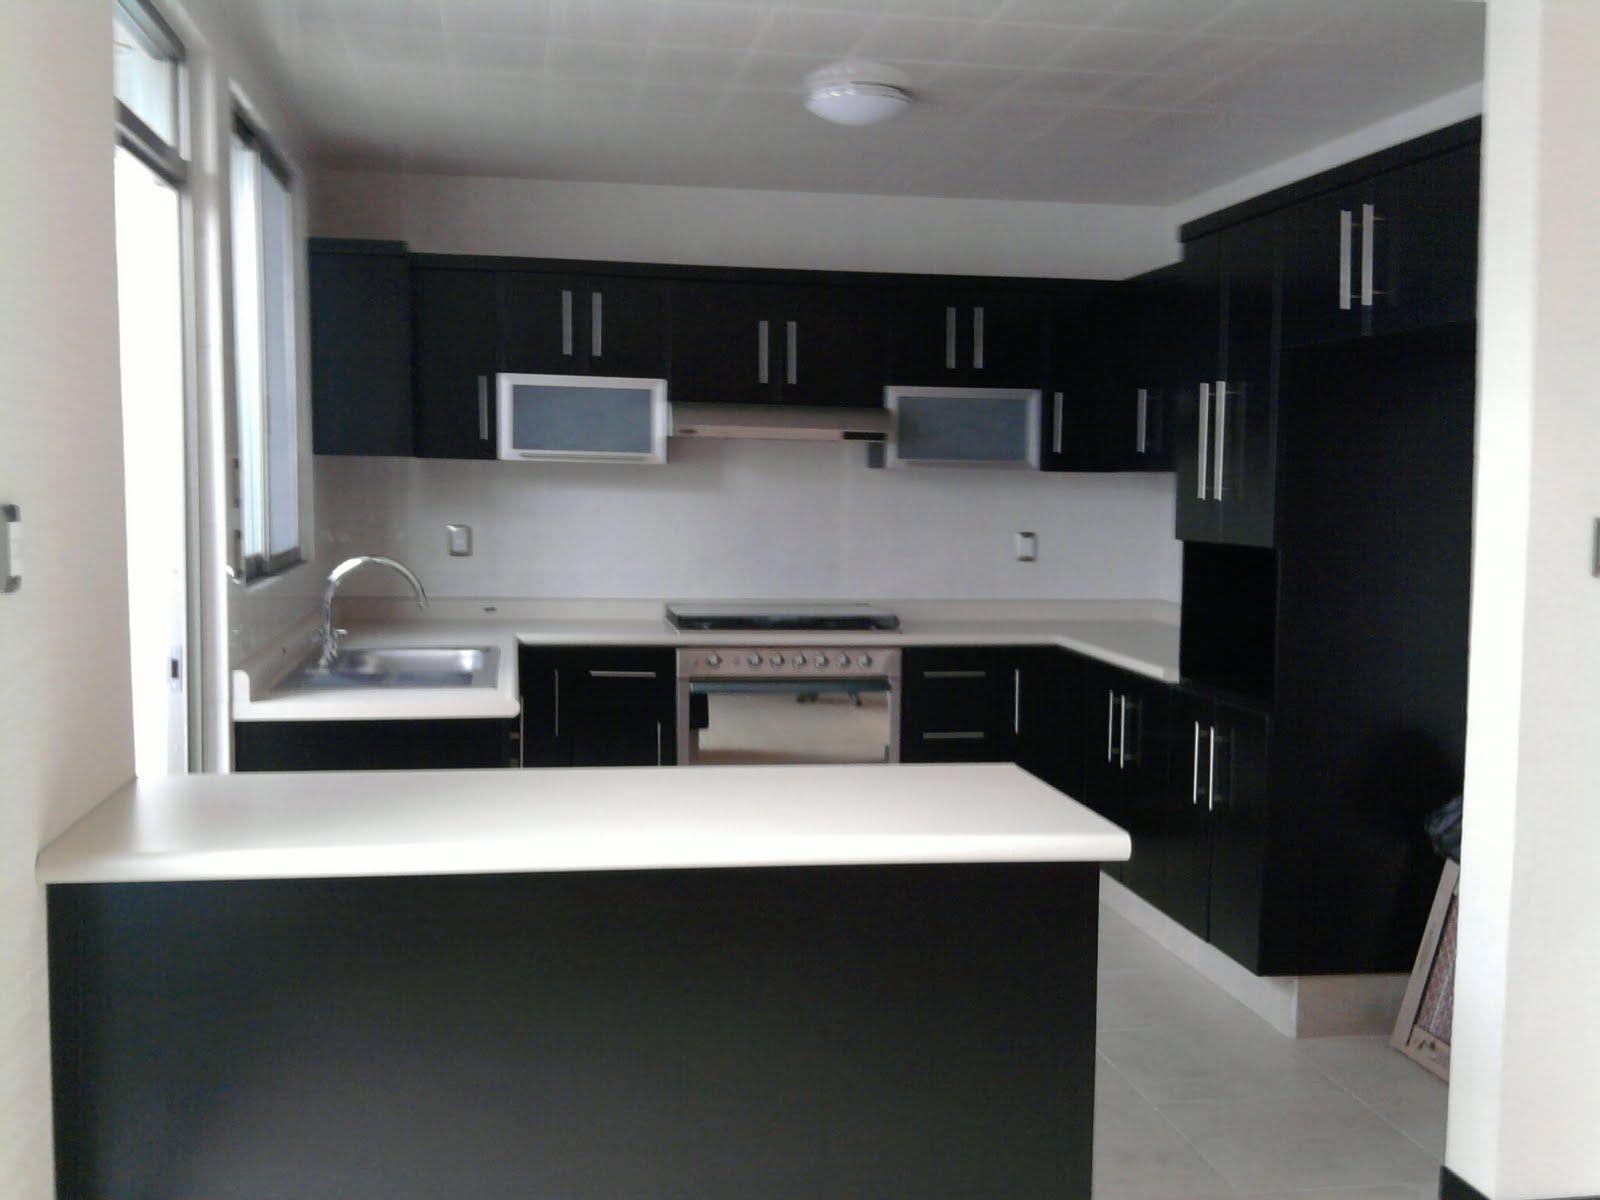 Excelente residencia minimalista comedor y cocina for Decoracion minimalista cocina